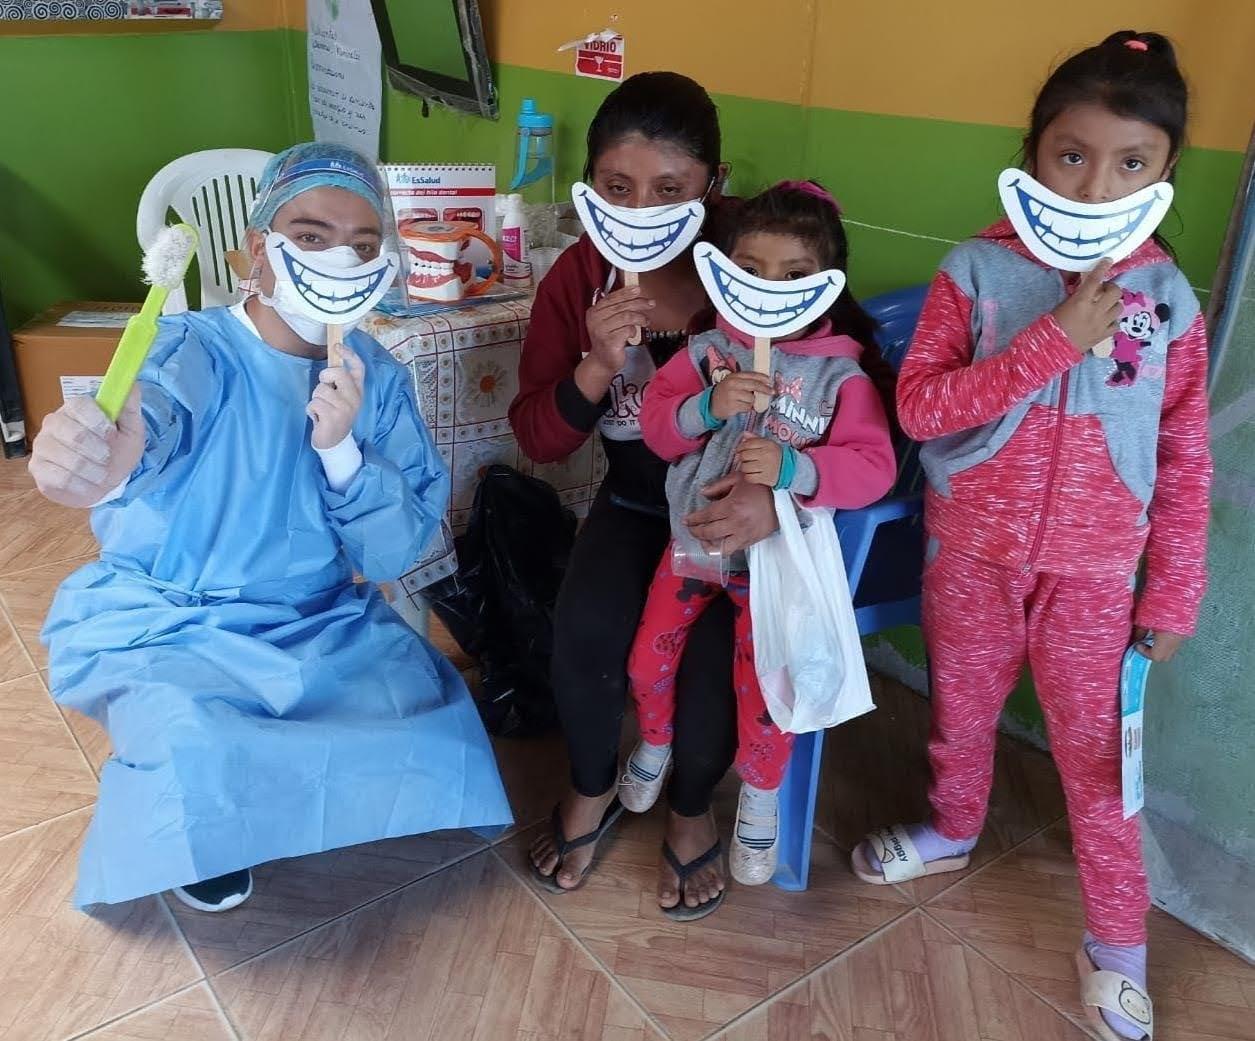 Essalud - EsSalud Piura: atención integral de salud a niños y adultos mayores